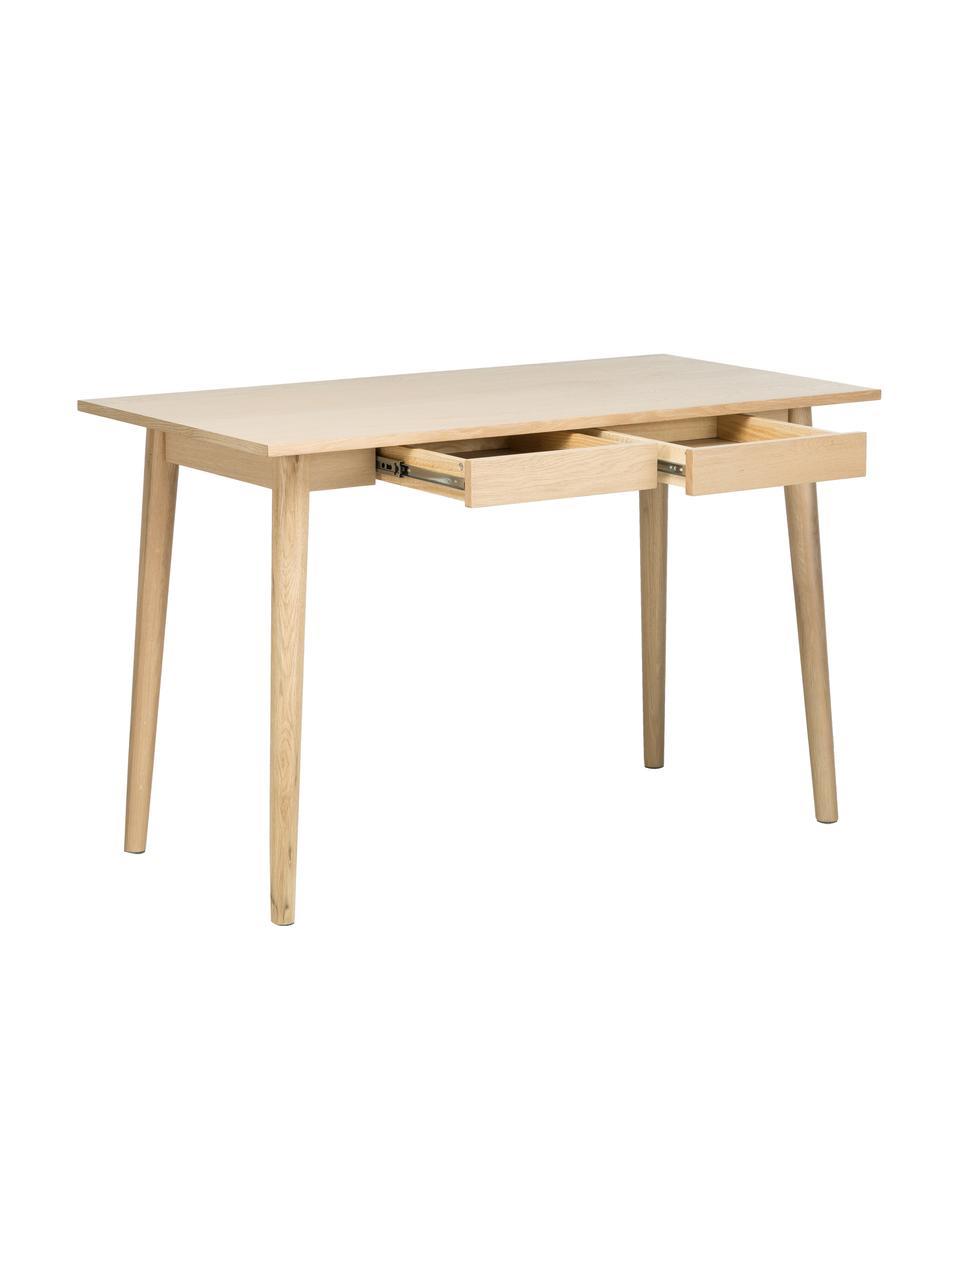 Schmaler Schreibtisch Marte aus Eiche, Tischplatte: Mitteldichte Holzfaserpla, Eichenholz,, B 120 x T 60 cm